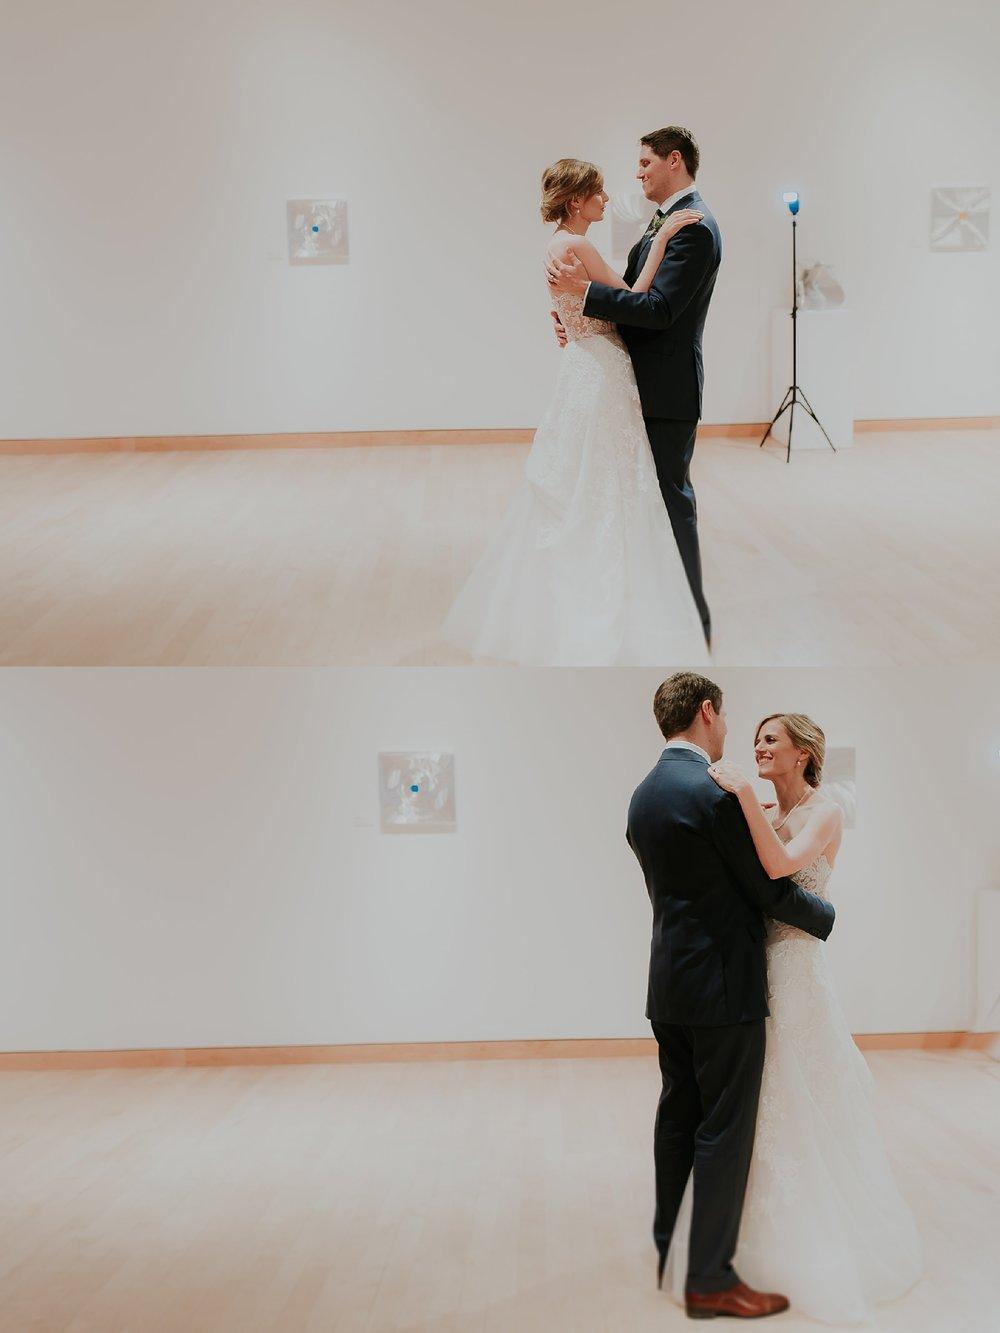 Alicia+lucia+photography+-+albuquerque+wedding+photographer+-+santa+fe+wedding+photography+-+new+mexico+wedding+photographer+-+new+mexico+wedding+-+albuquerque+wedding+-+santa+fe+wedding+-+wedding+first+dance+-+first+dance+songs_0033.jpg